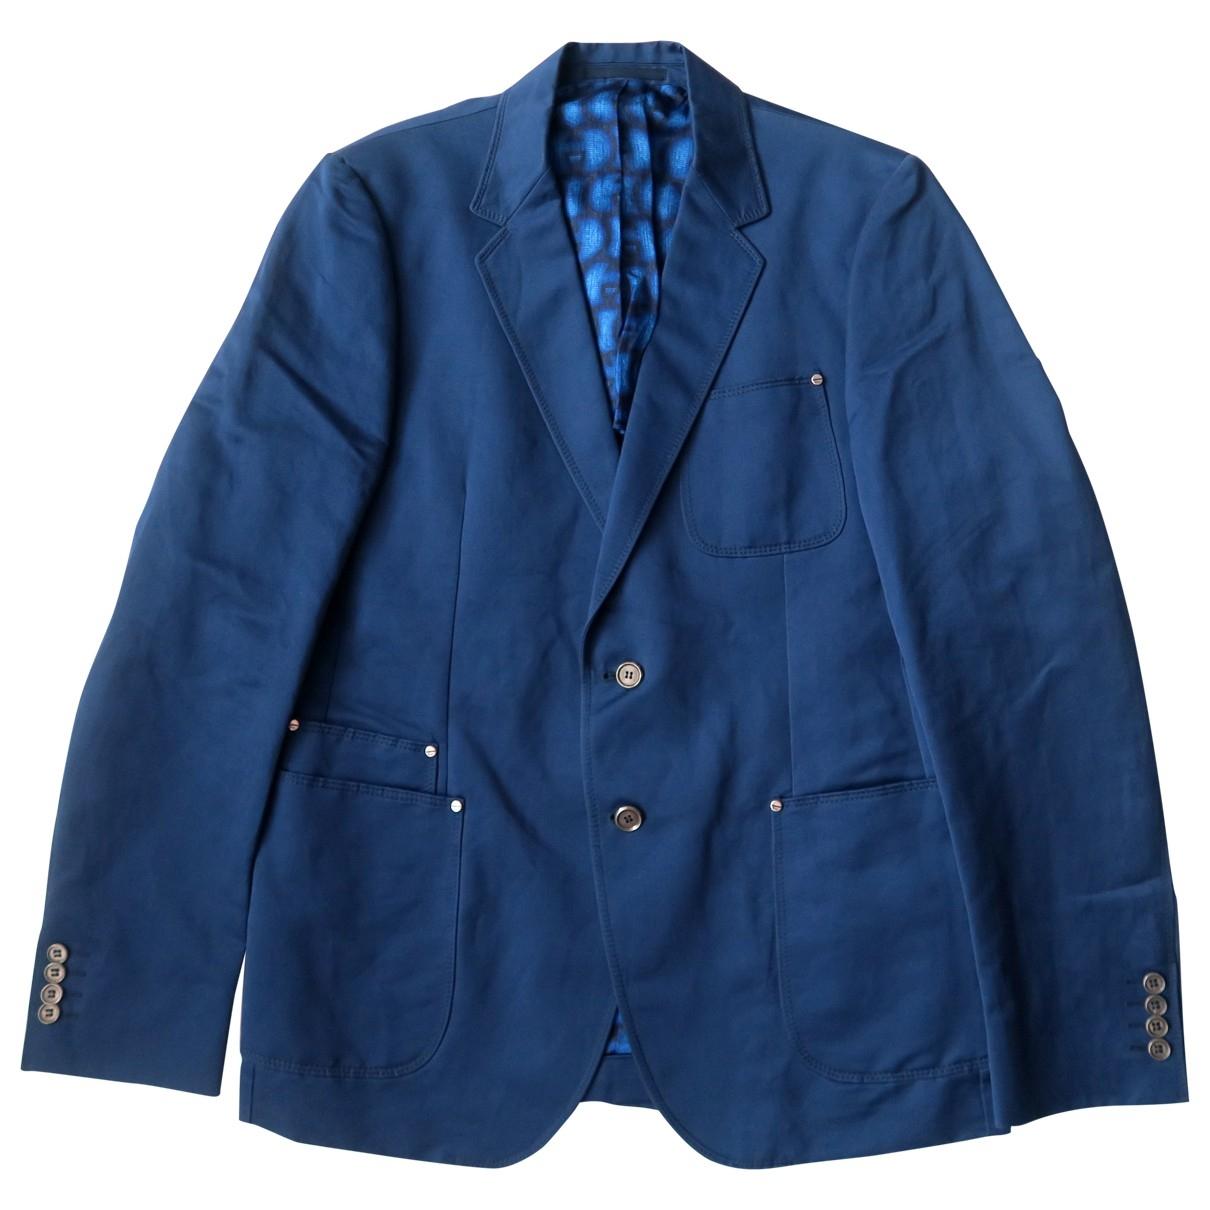 Gucci - Vestes.Blousons   pour homme en coton - bleu